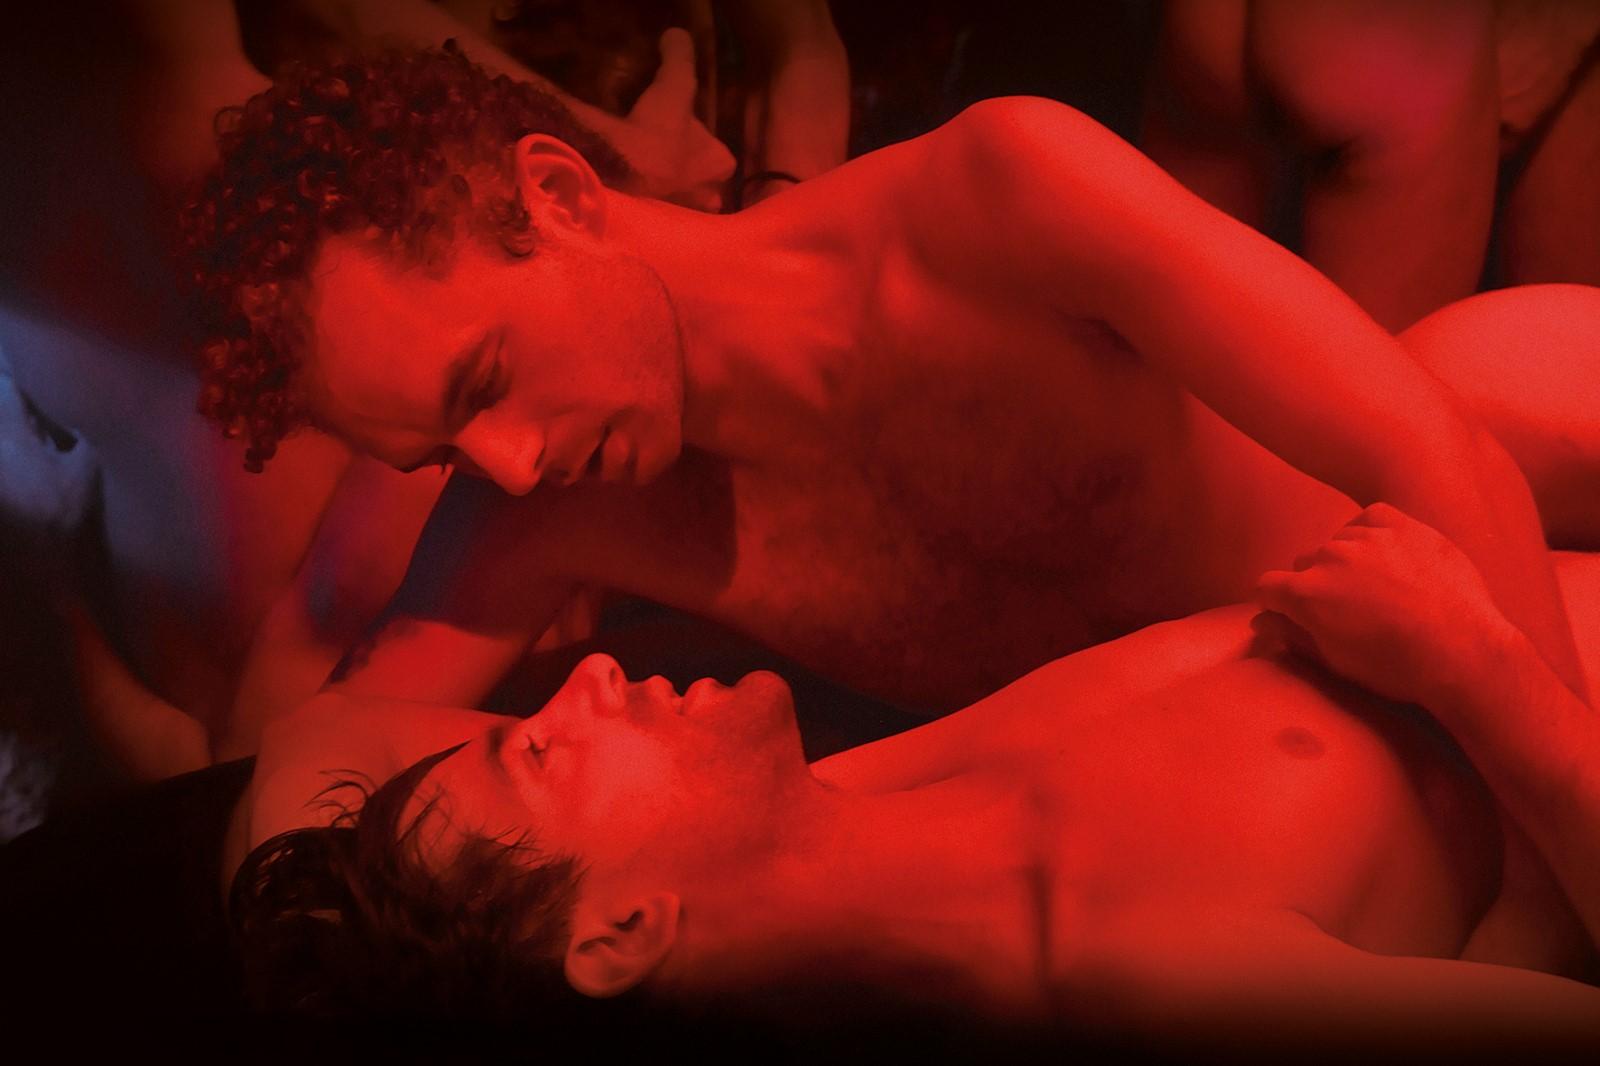 películas-lgbt-sexo-explicito